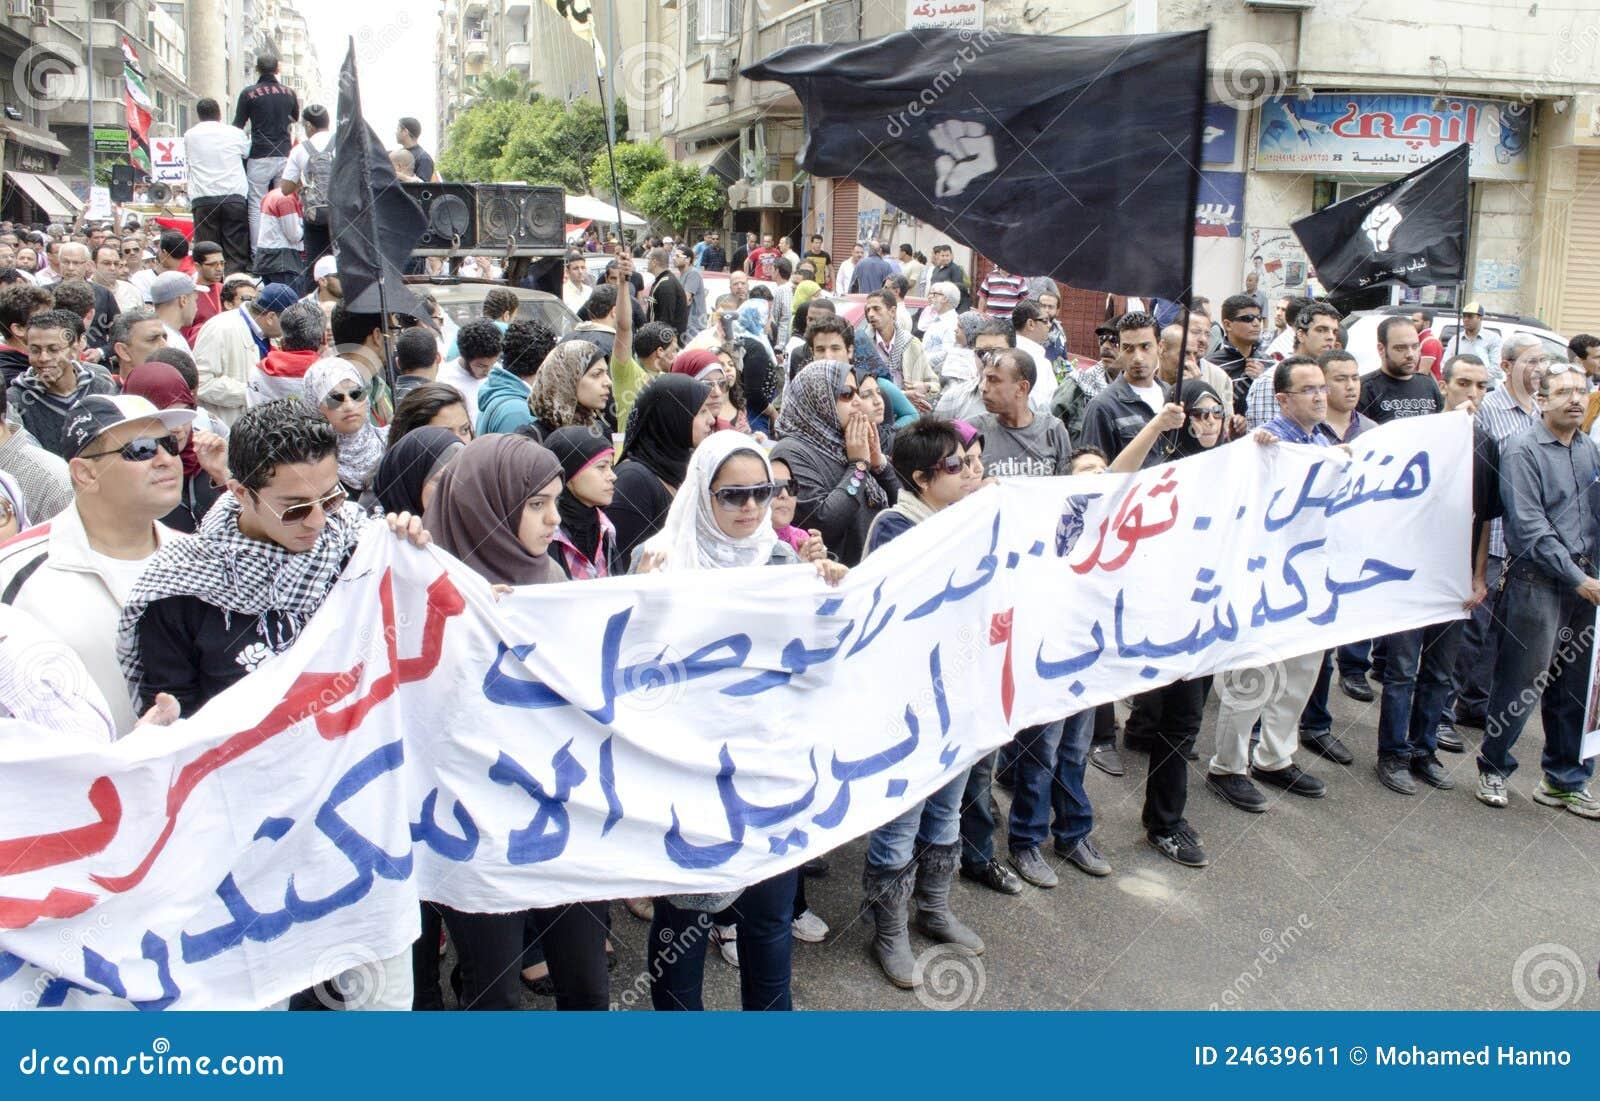 Egípcios que demonstram de encontro ao Conselho militar